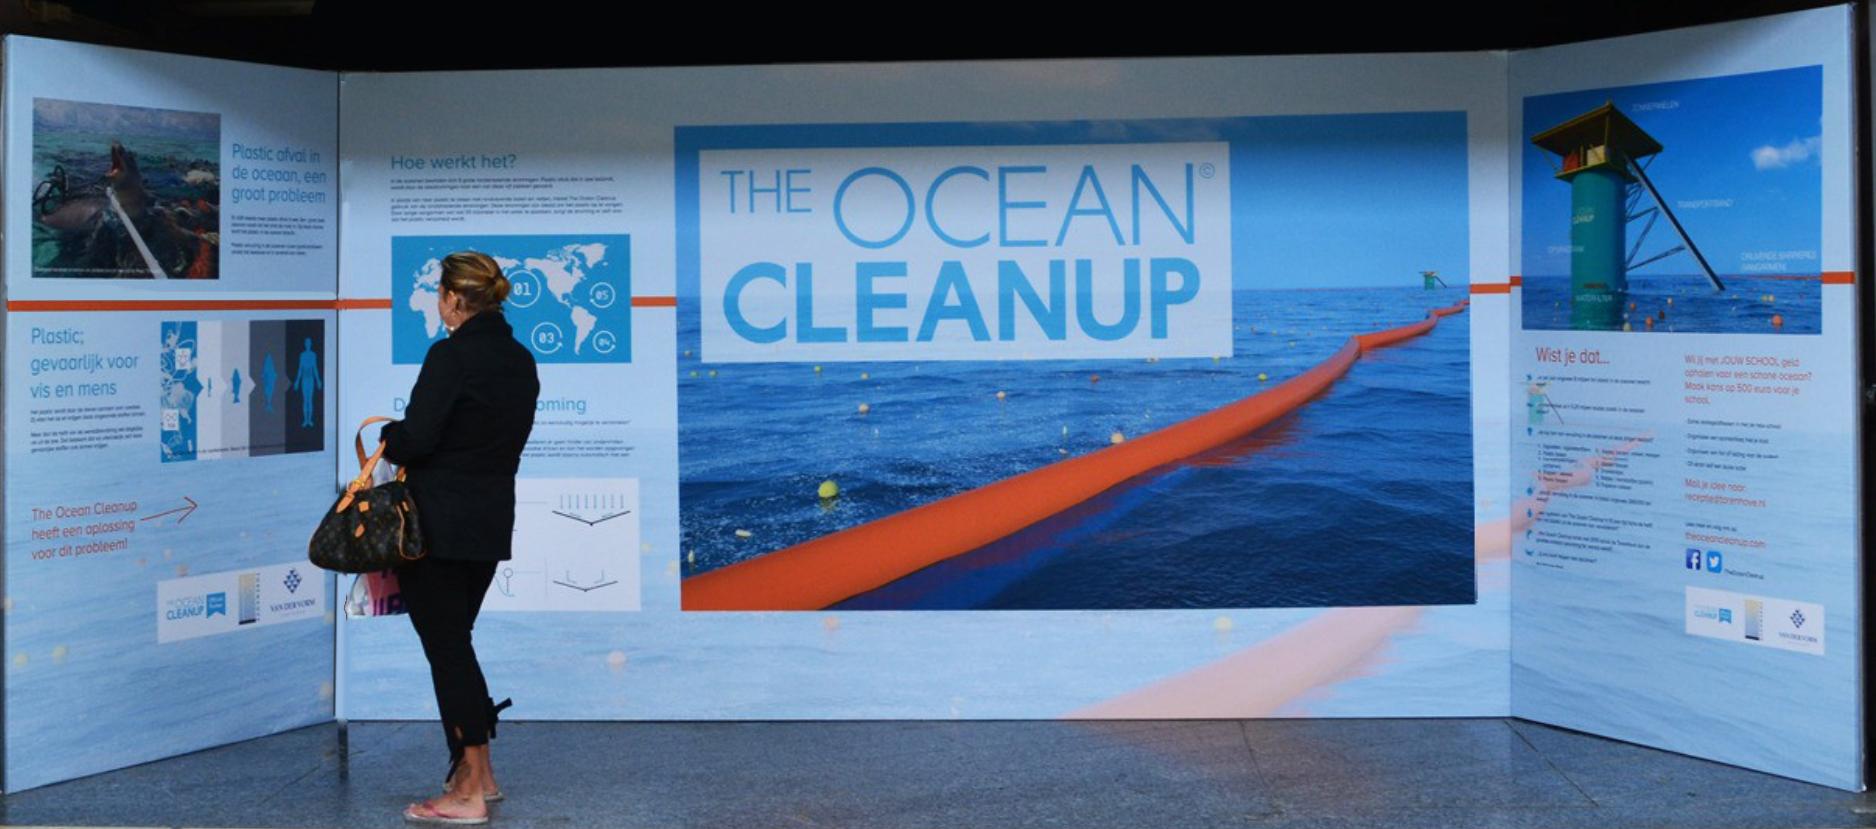 THE OCEAN CLEANUP TIJDELIJKE EXPO CONCEPT ONTWERP EN UITVOERING